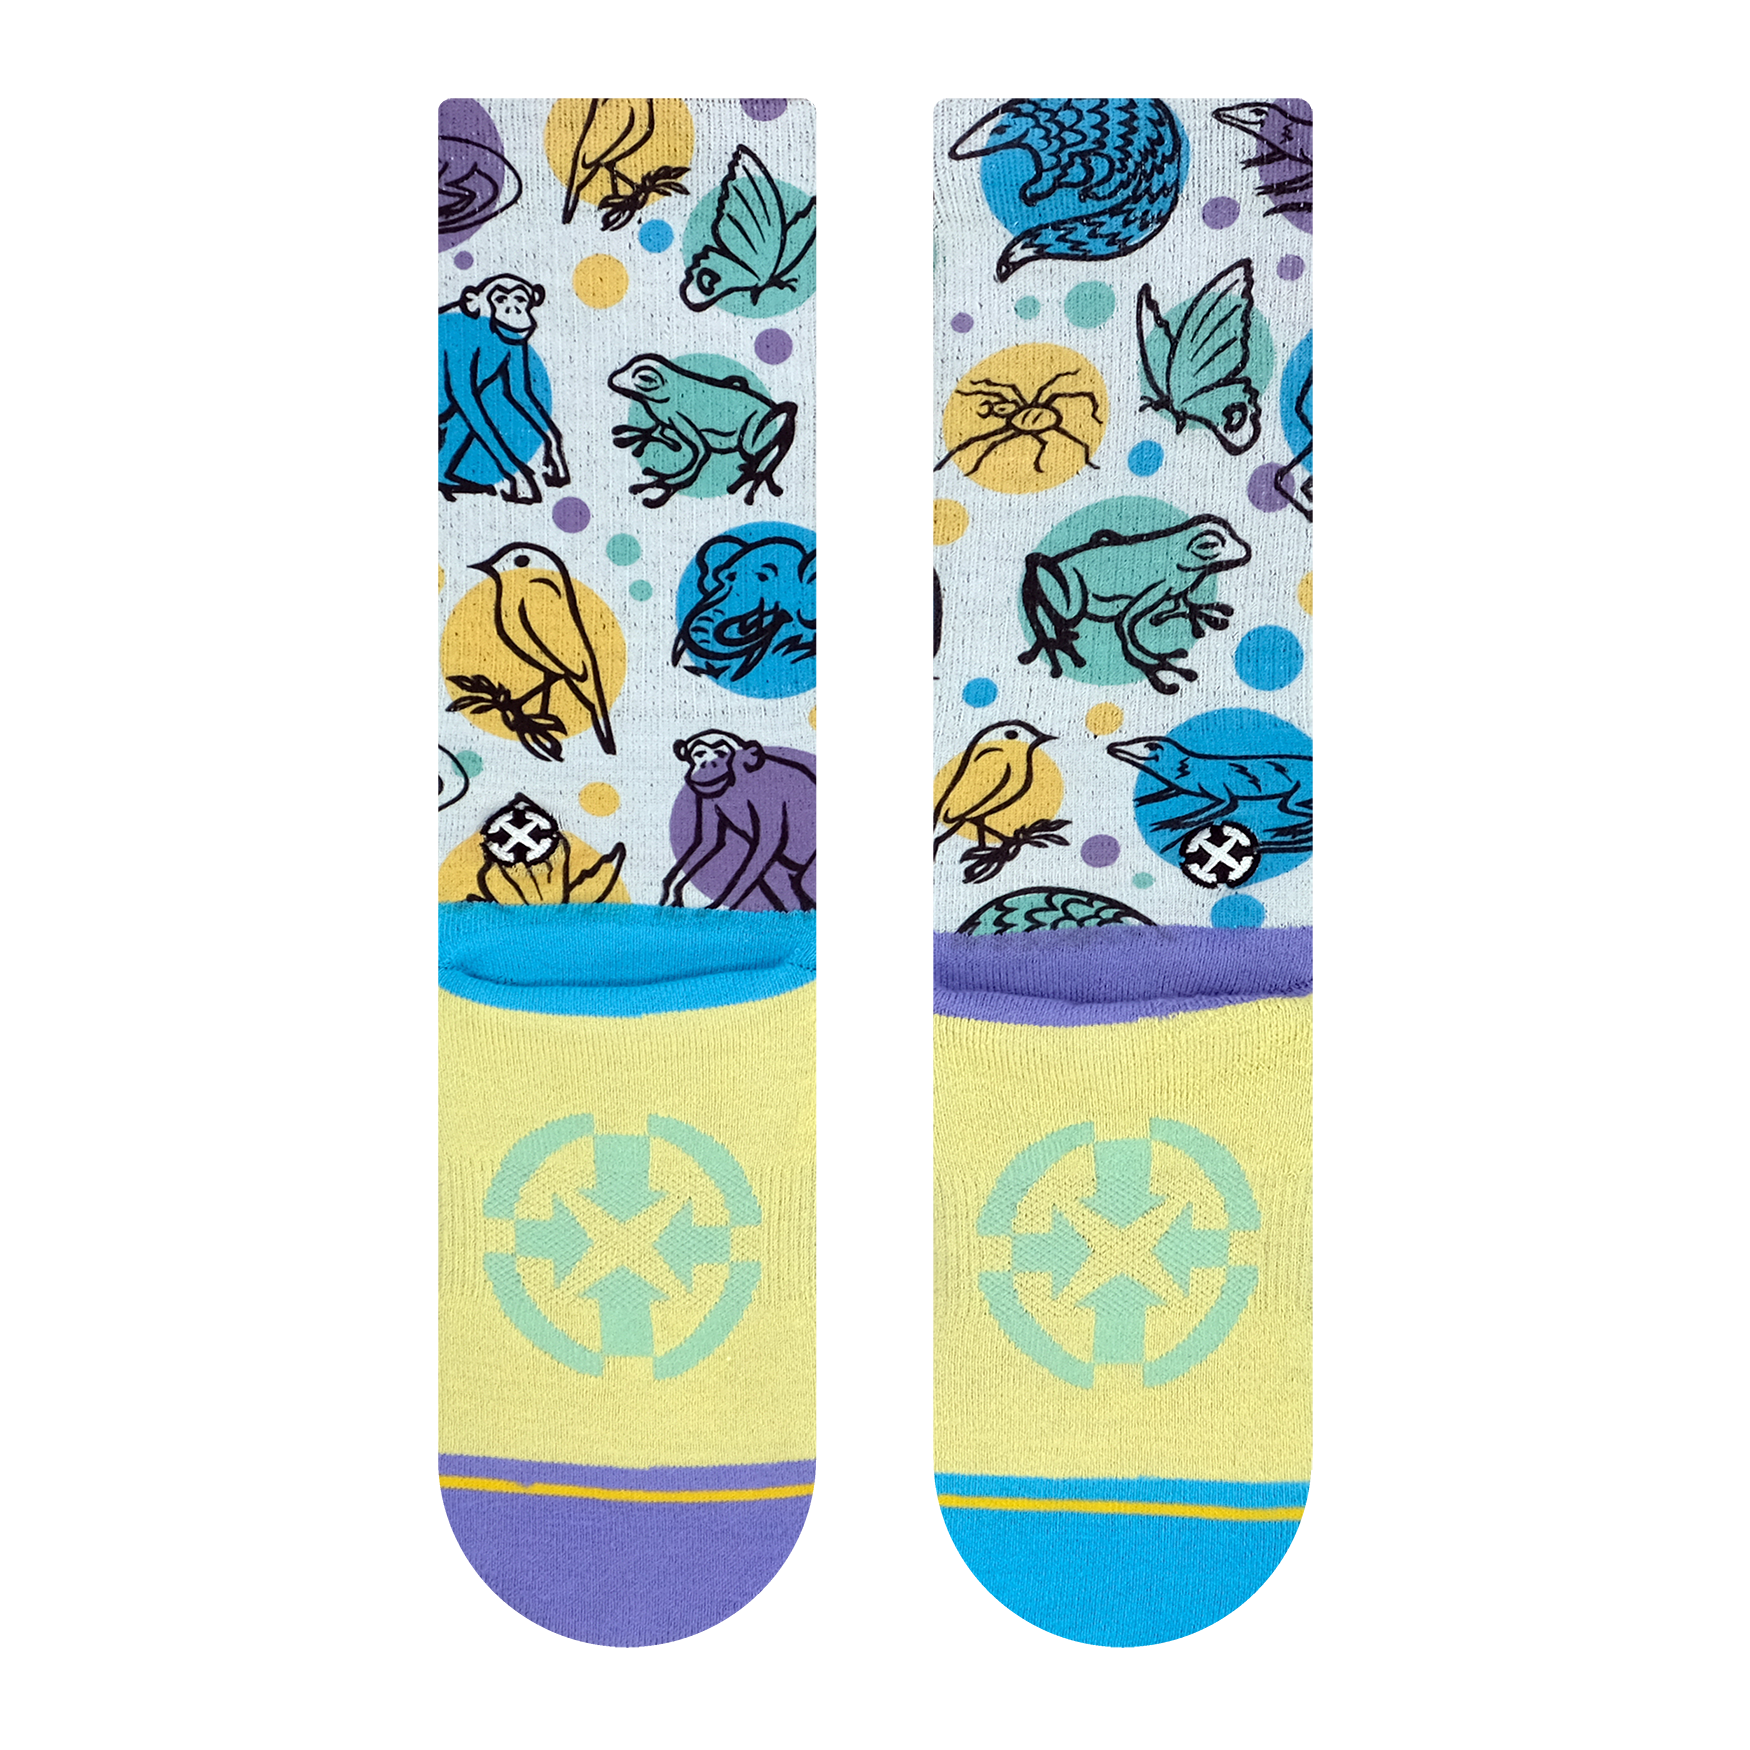 Endangered Species Socks with the Jane Goodall Institute - JGI273